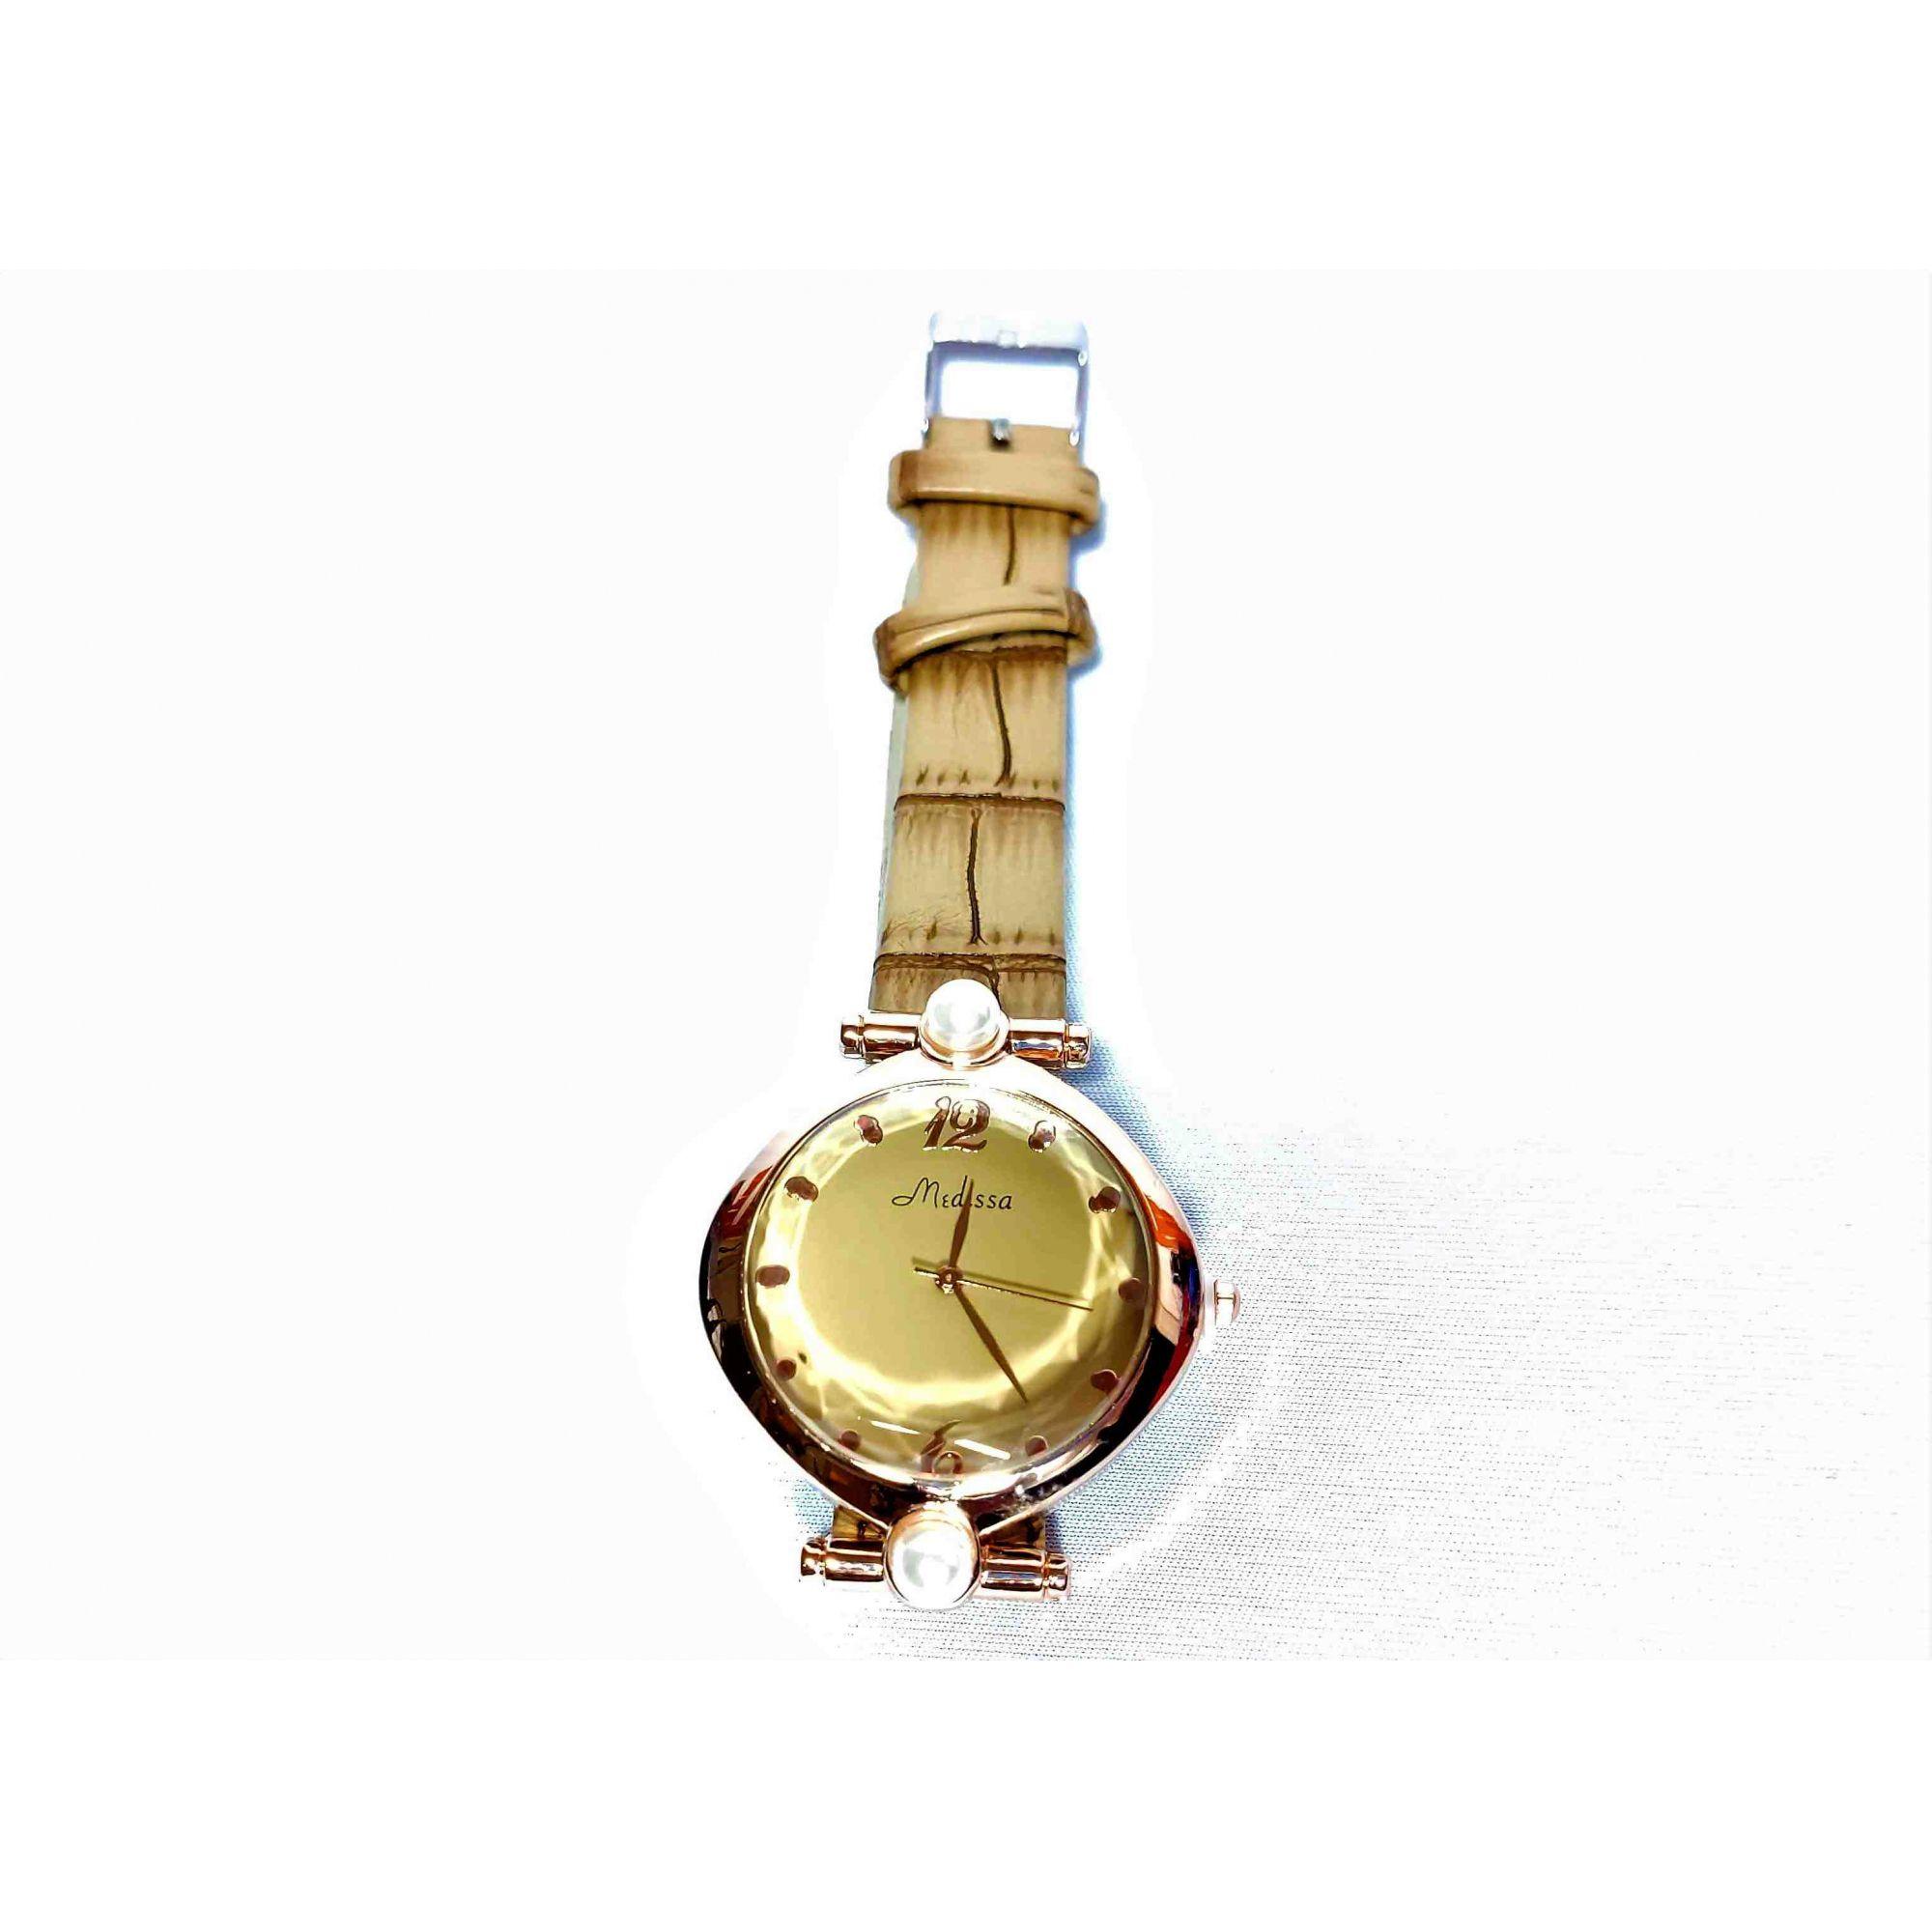 Relógio Feminino Quartz Pulseira Couro Strass